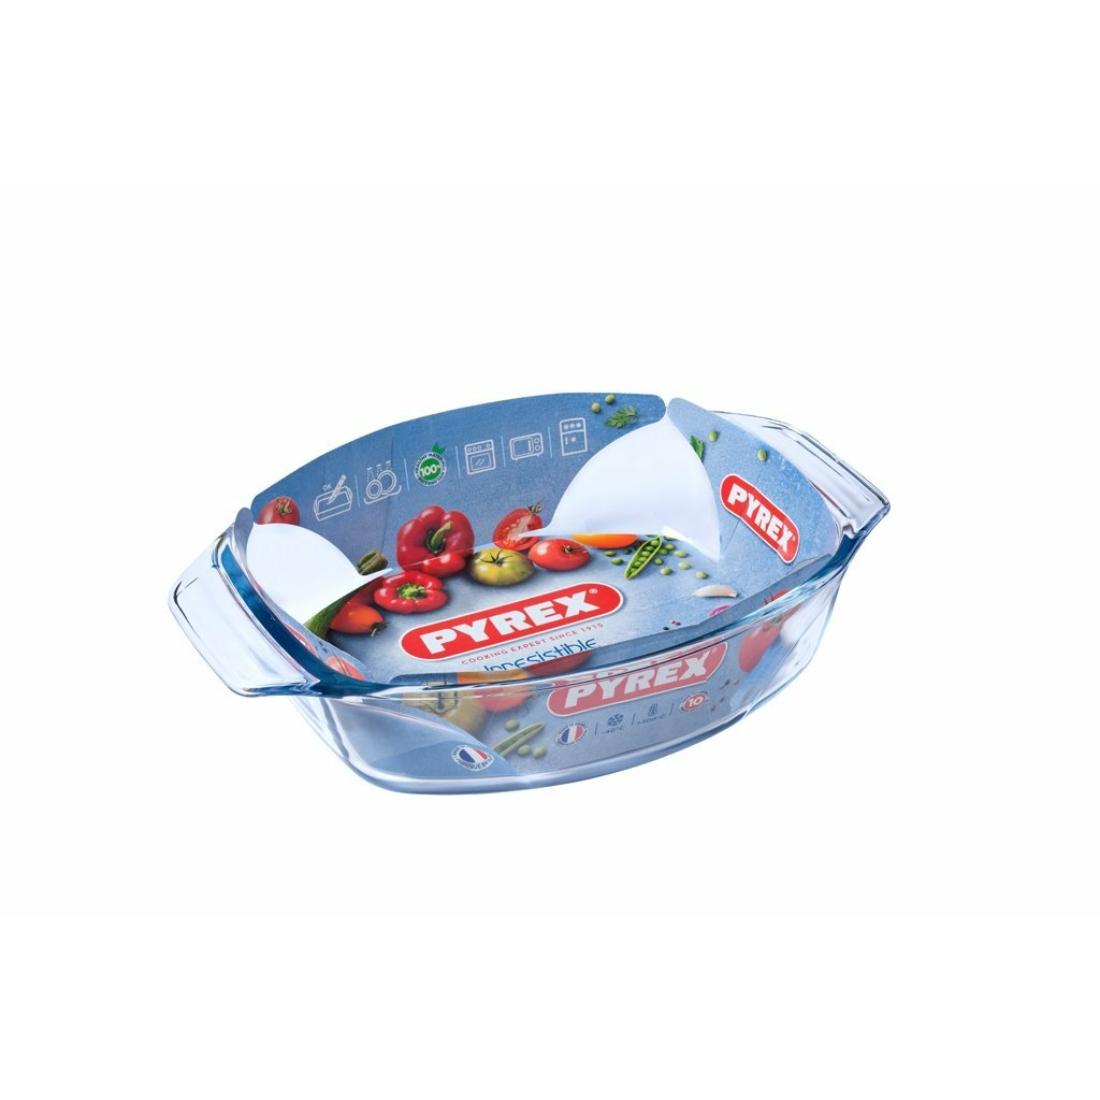 Pyrex Irrestistible Ovális Kacsasütő - tepsi - sütőtál 30cm